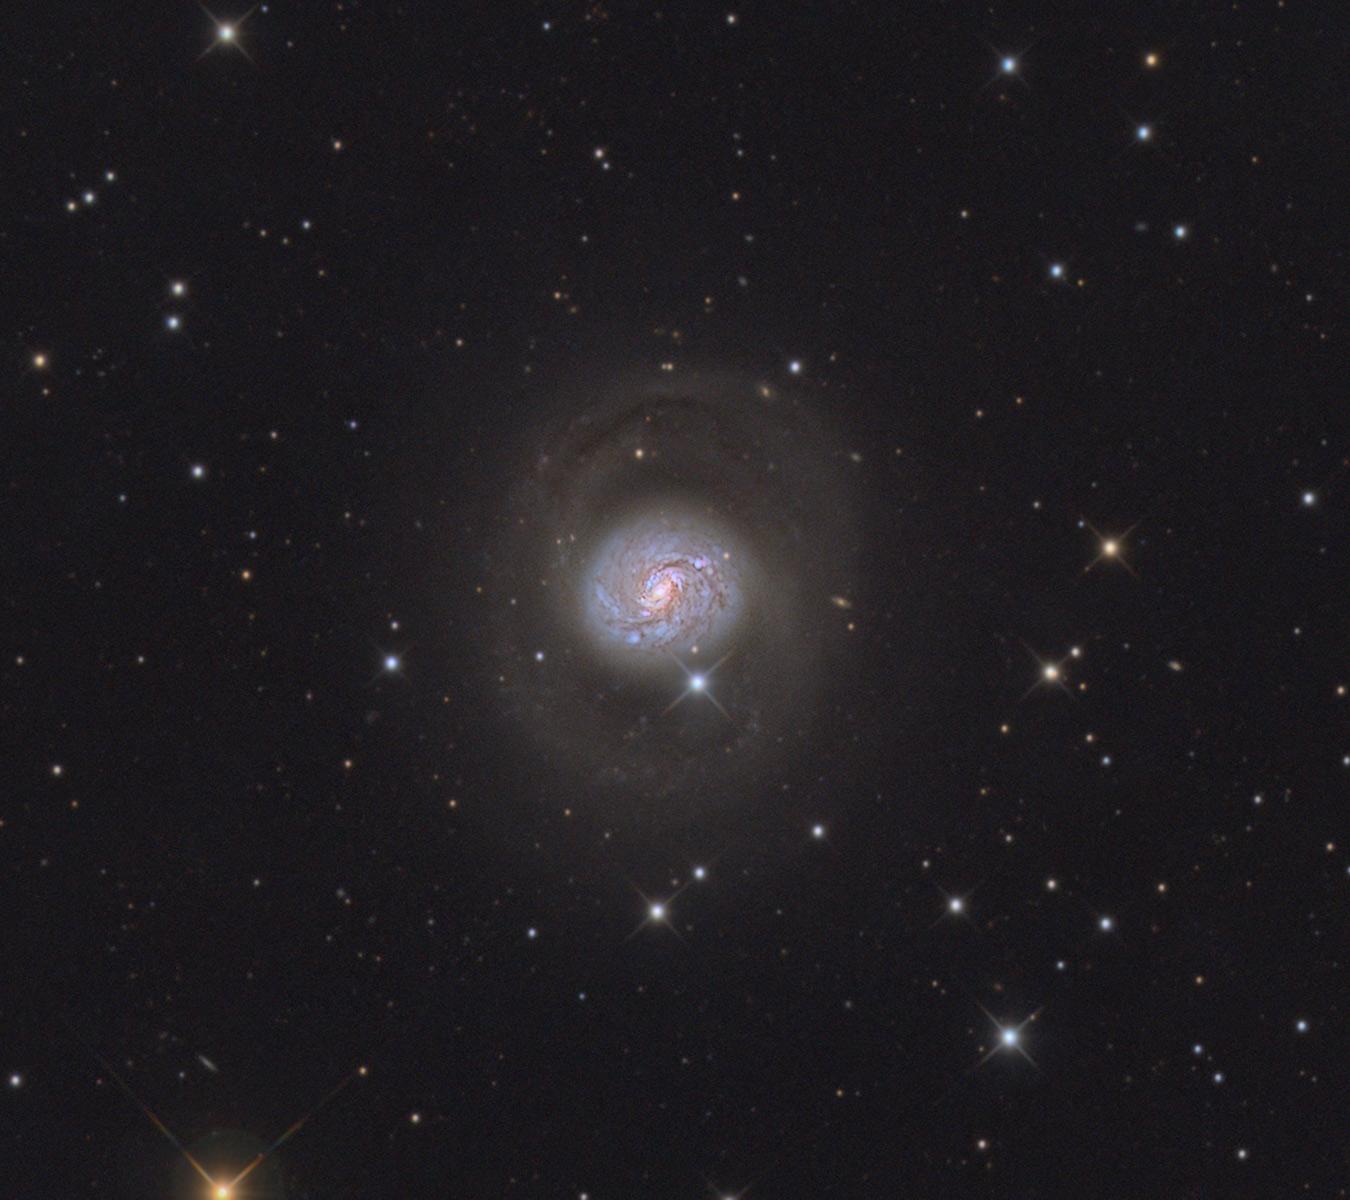 M77_sn2018ivc_CN1.jpg